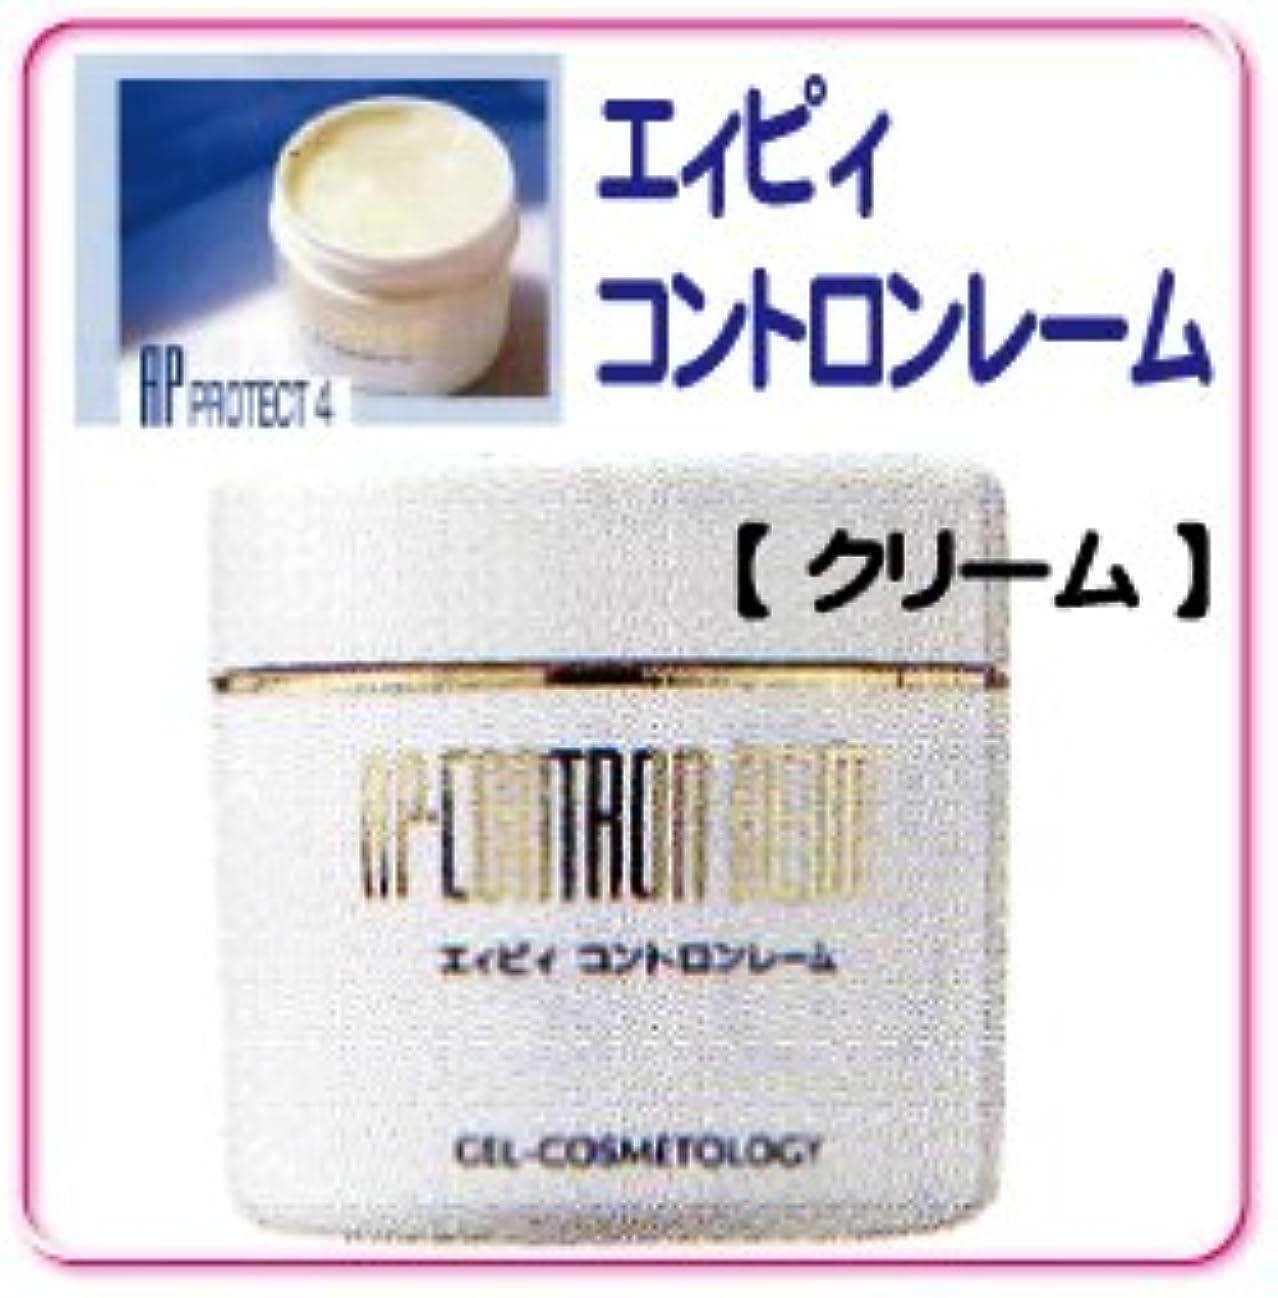 を除くカウンタ軌道ベルマン化粧品 APprotectシリーズ  コントロンレーム  敏感肌用クリーム 110g